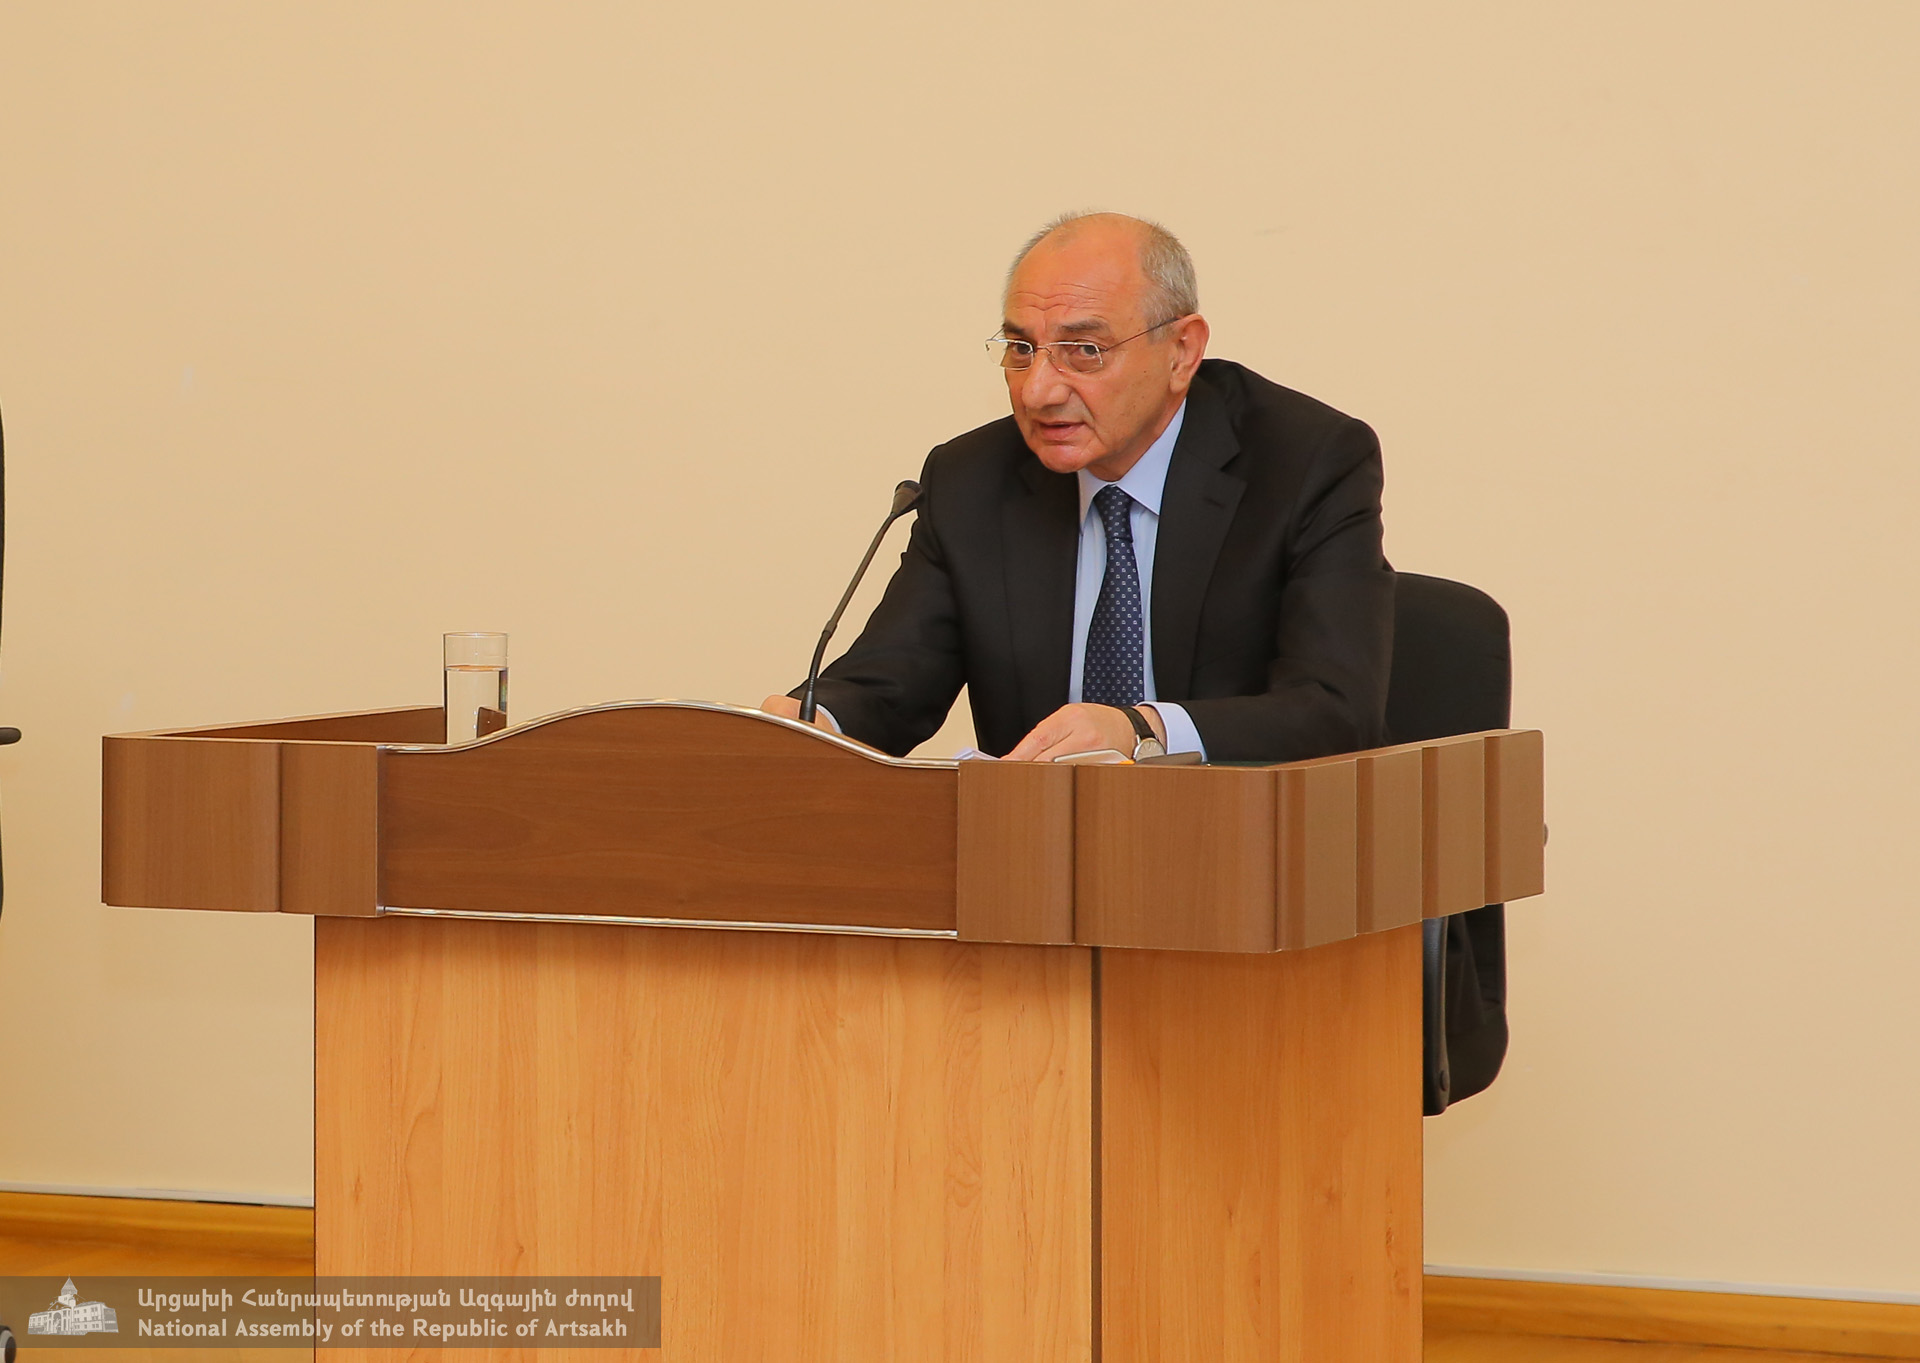 Photo of Հակամարտությունը պետք է կարգավորվի բանակցություններին Արցախի լիիրավ մասնակցությամբ. Բակո Սահակյան